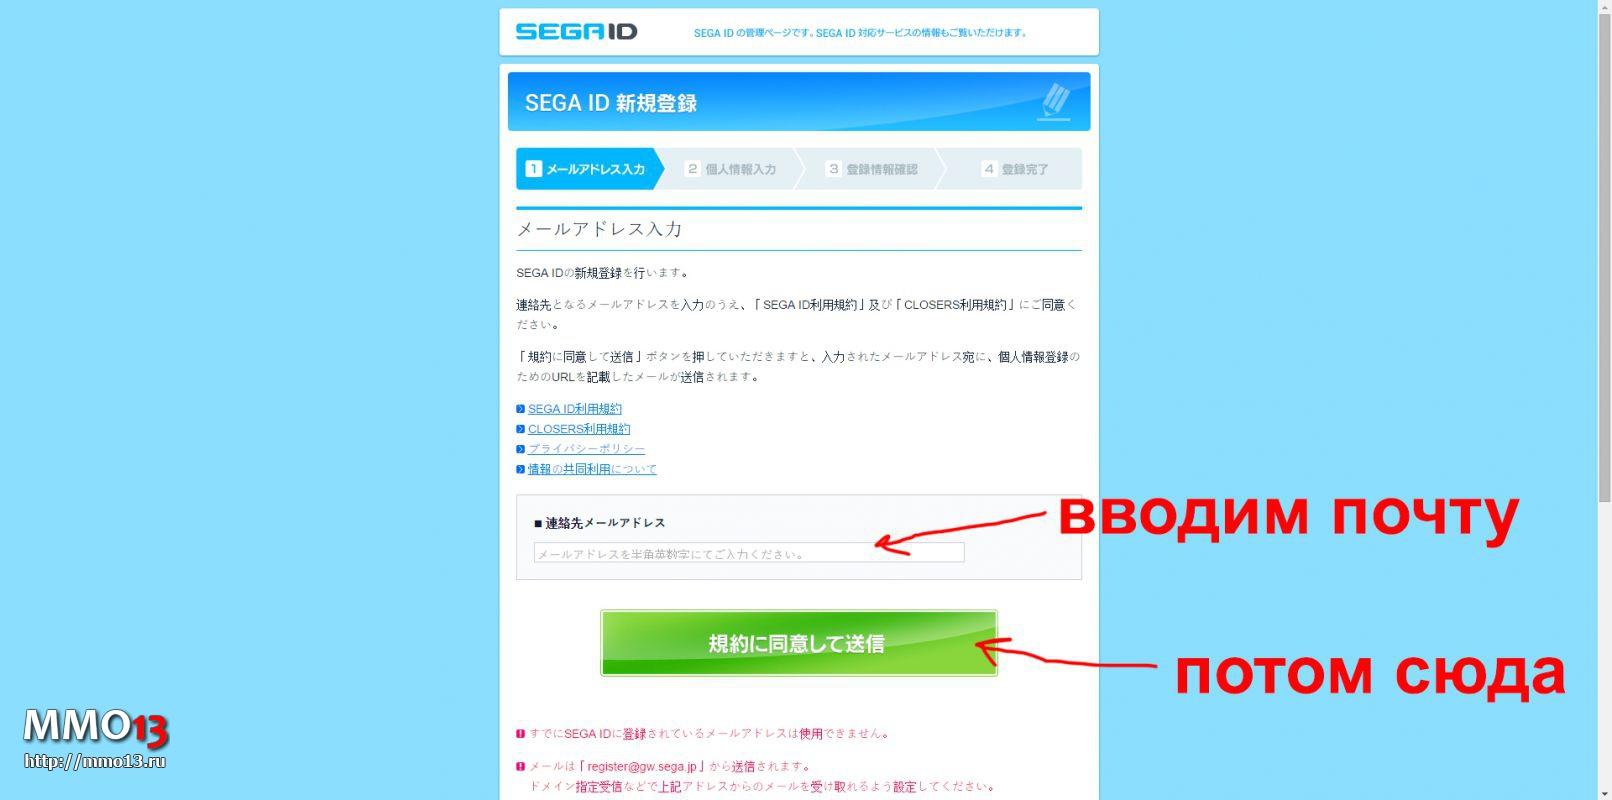 Гайд «Как начать играть в Closers на японском сервере» 7242